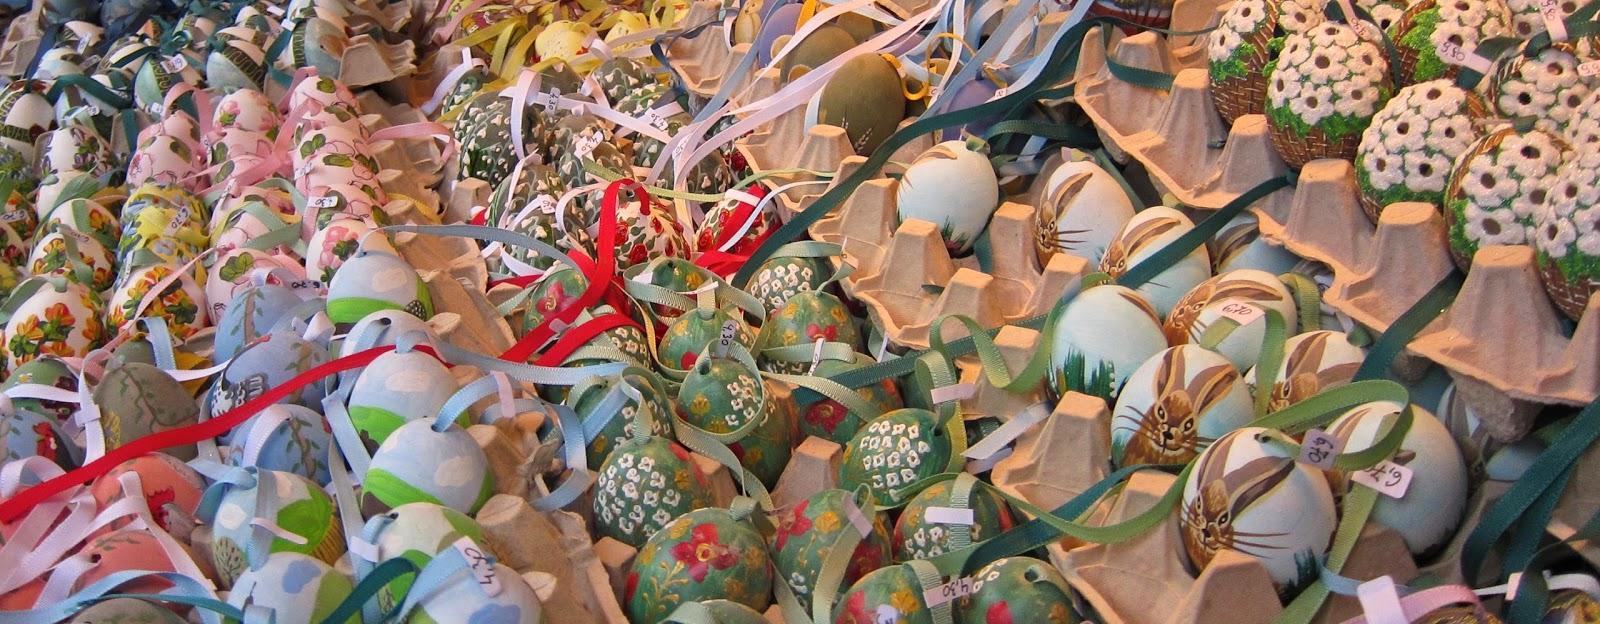 Easter markets Vienna 2015 ; Wiens Ostermarkt